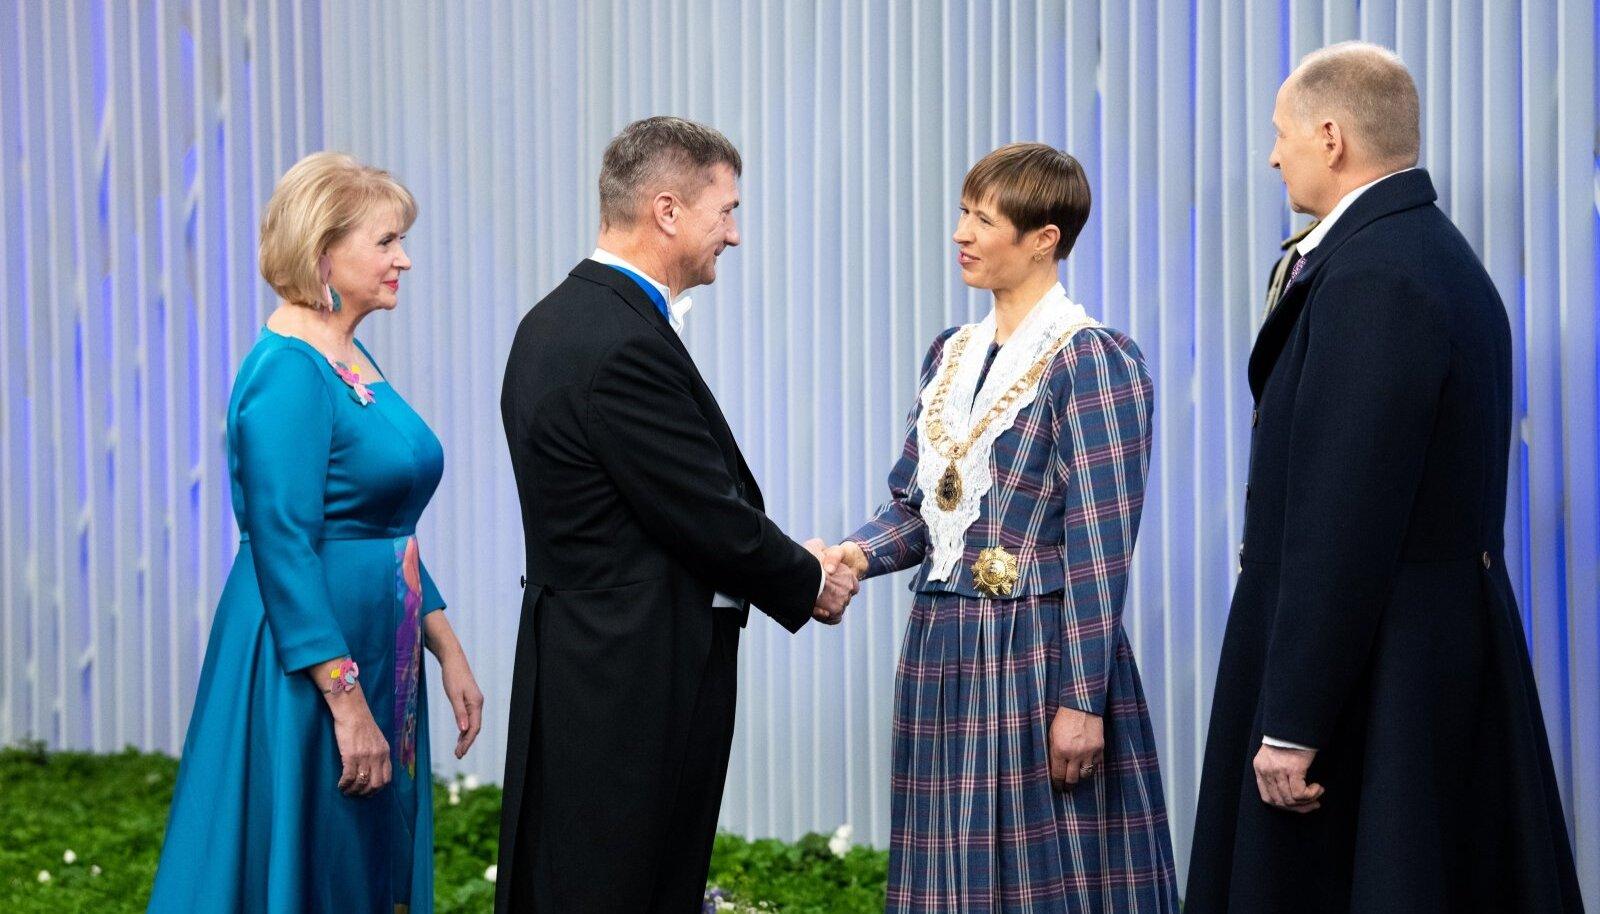 Presidendi vastuvõtt 2019: poliitik Andrus Ansip kätlemas president Kersti Kaljulaidiga.